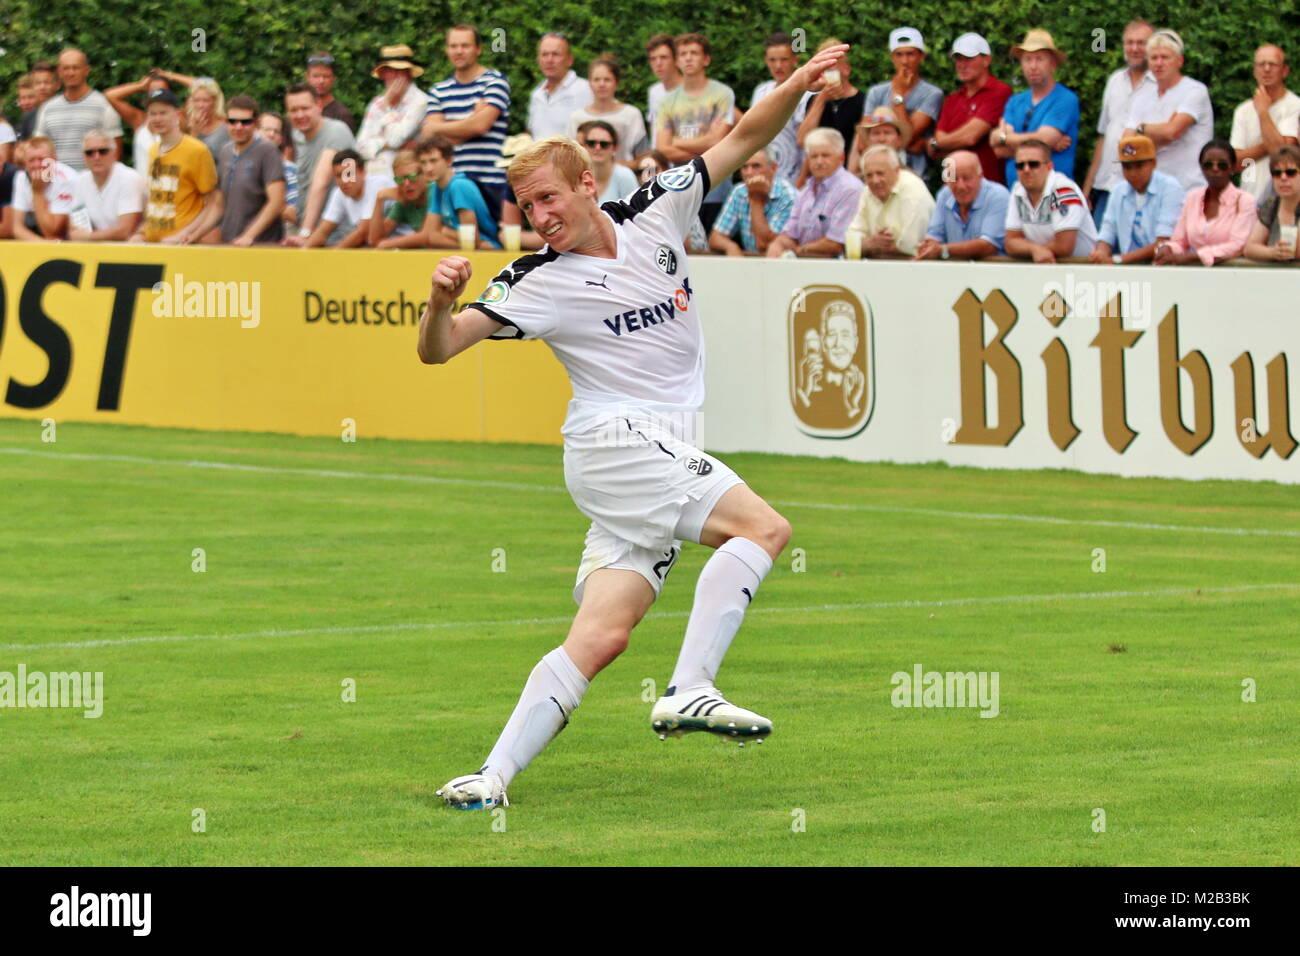 Dfb Pokal 2015 16 Stockfotos Dfb Pokal 2015 16 Bilder Alamy